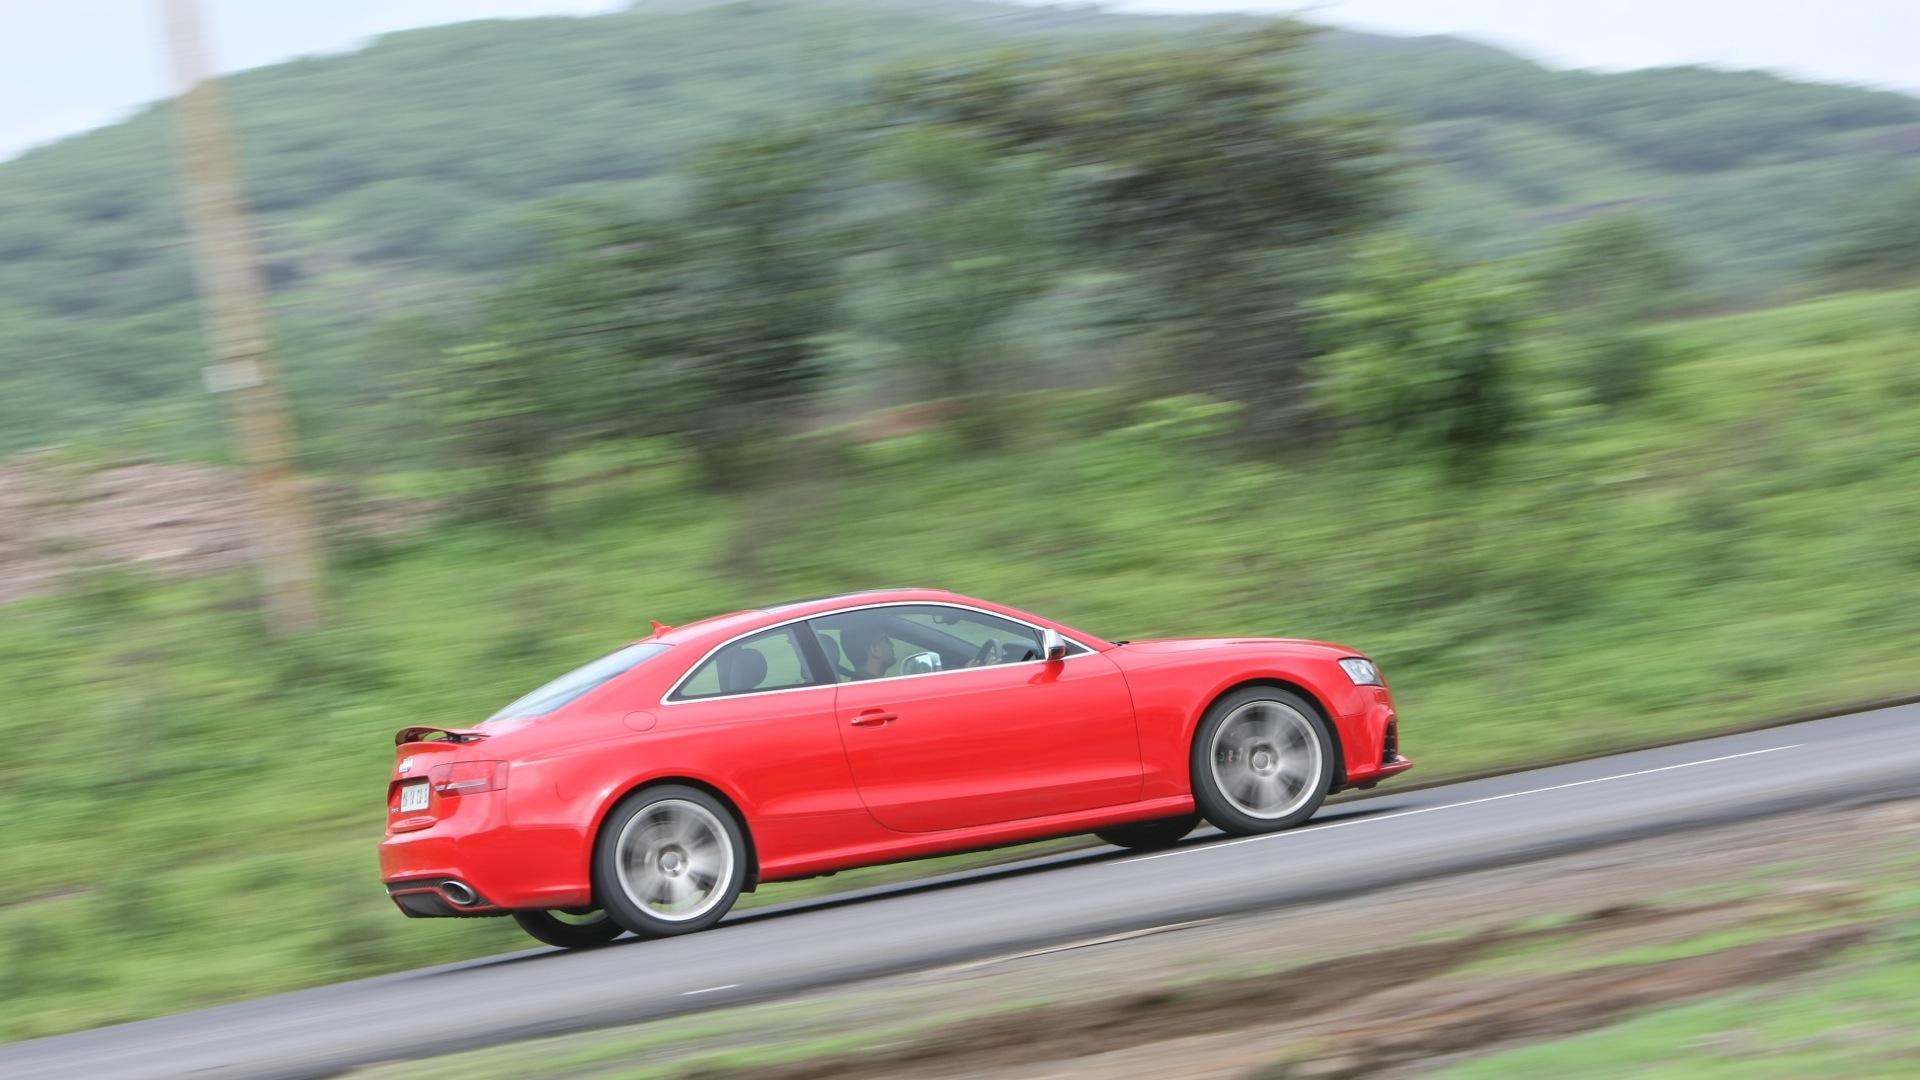 Audi-RS5-2012-STD-Exterior